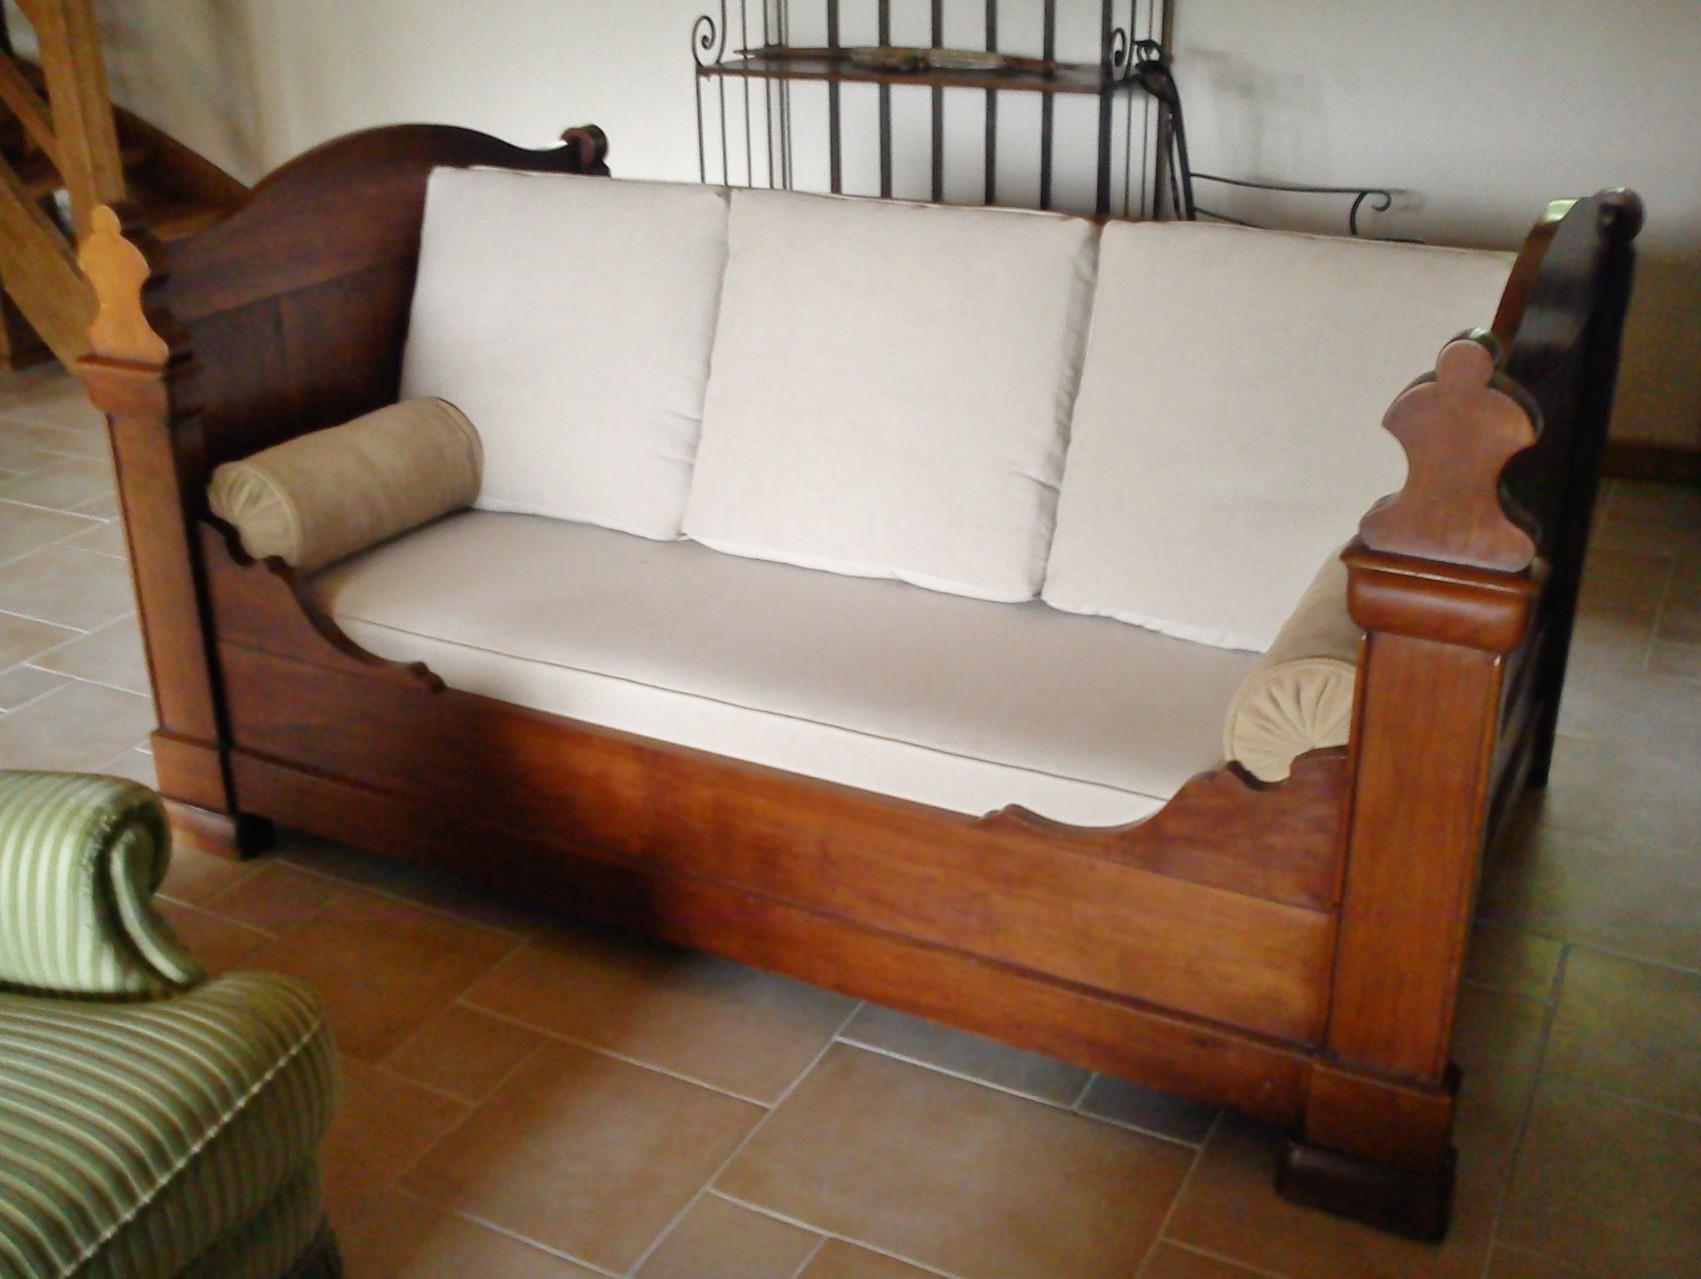 Canap lit ancien maison et mobilier d 39 int rieur - Lit a rouleau transforme en canape ...